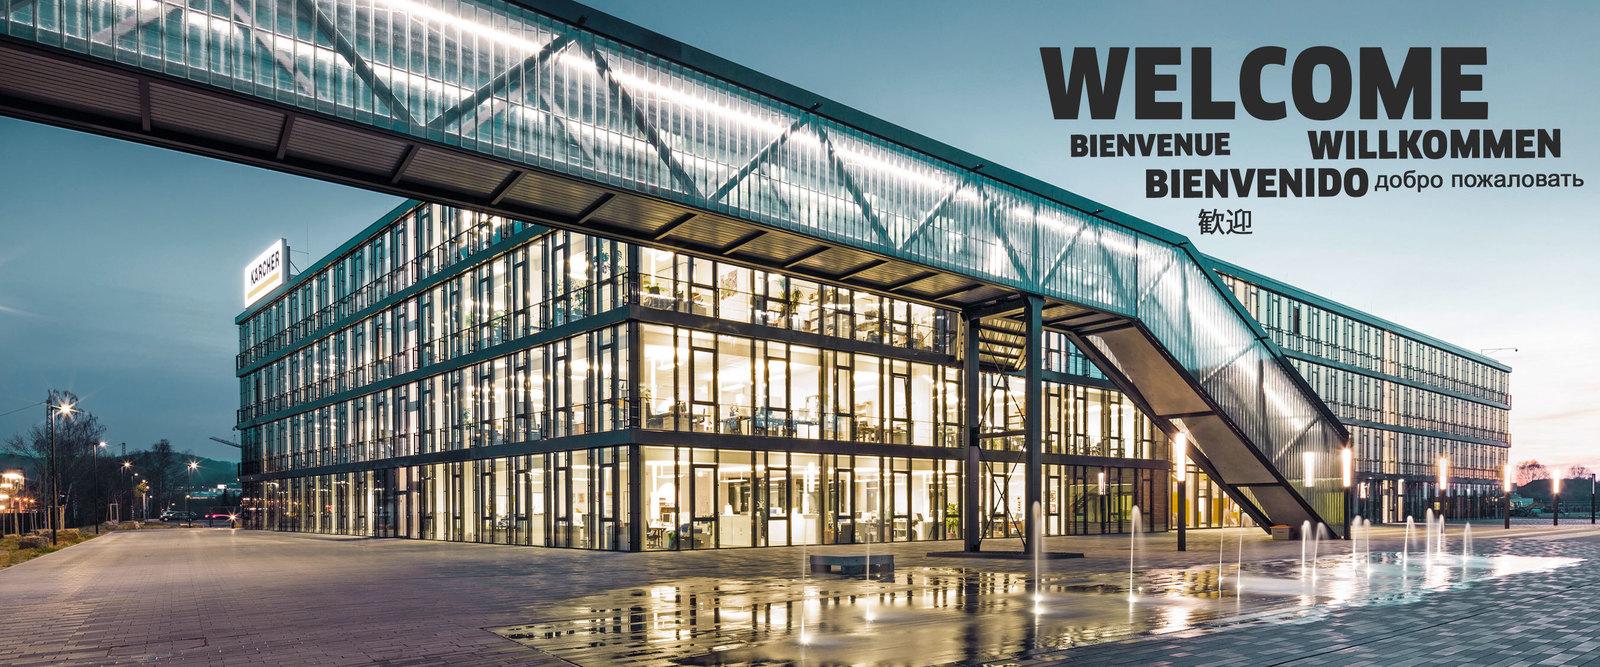 Kärcher Winnenden cleaning equipment and pressure washers kärcher international